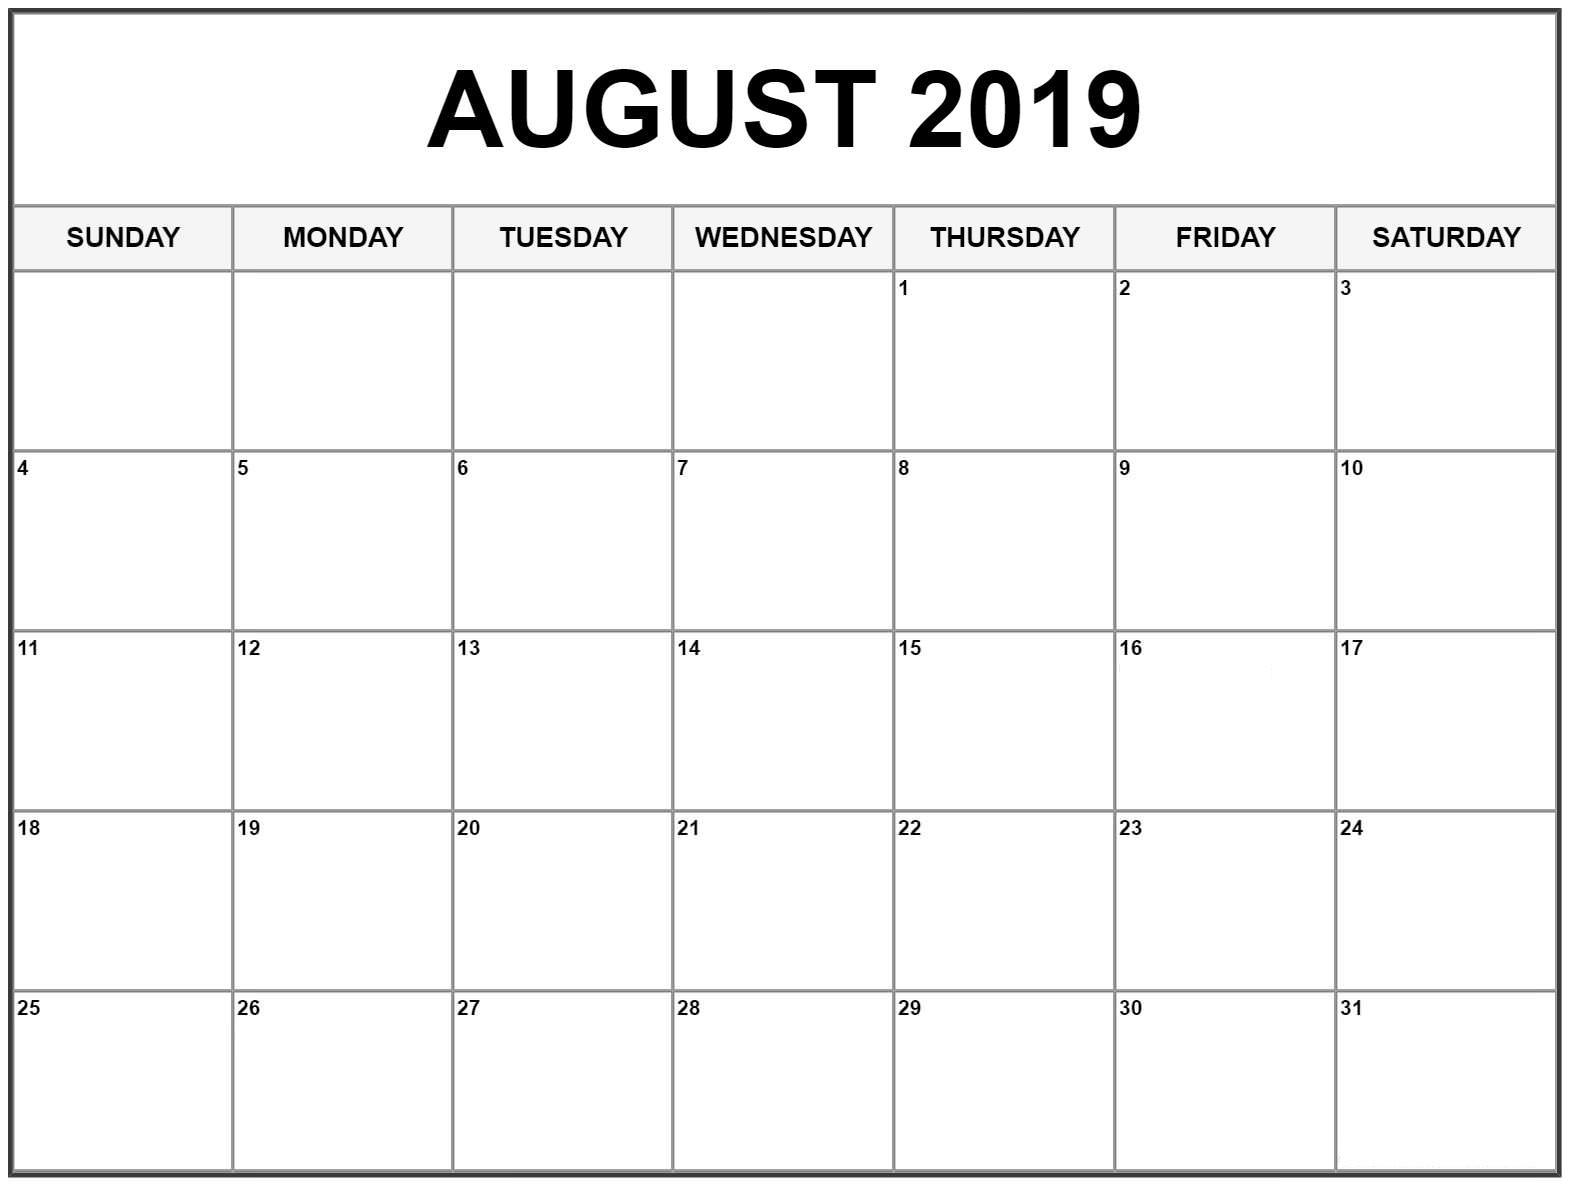 Blank August 2019 Calendar Editable | Printable Calendar